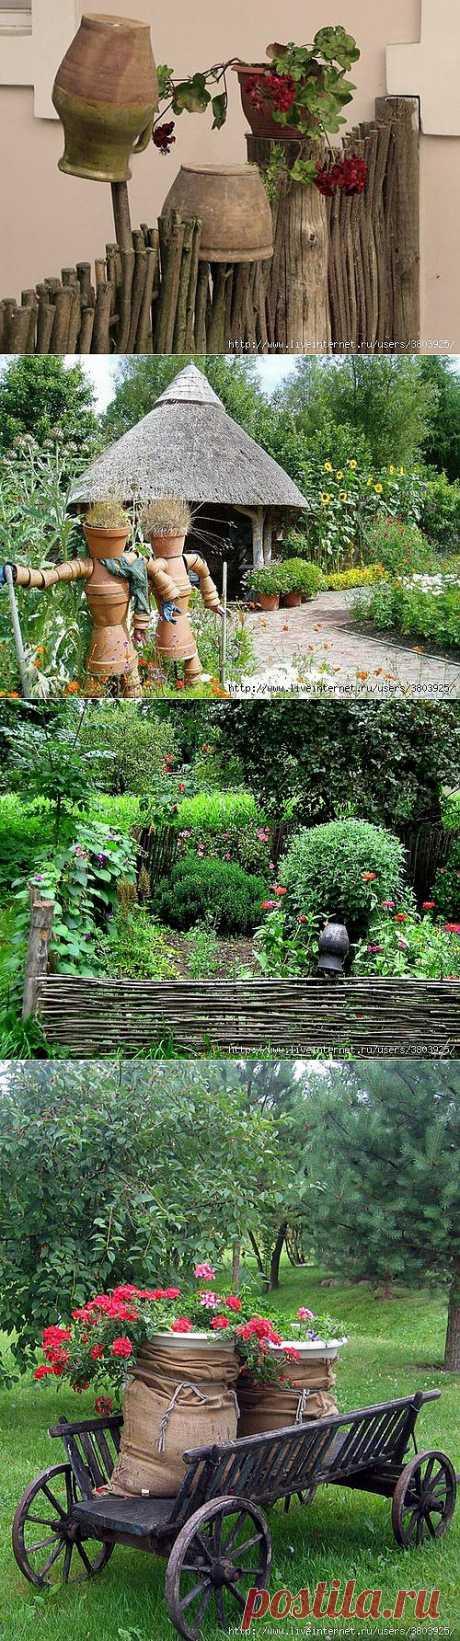 Деревенский стиль в ландшафтном дизайне: идеи оформления участка.